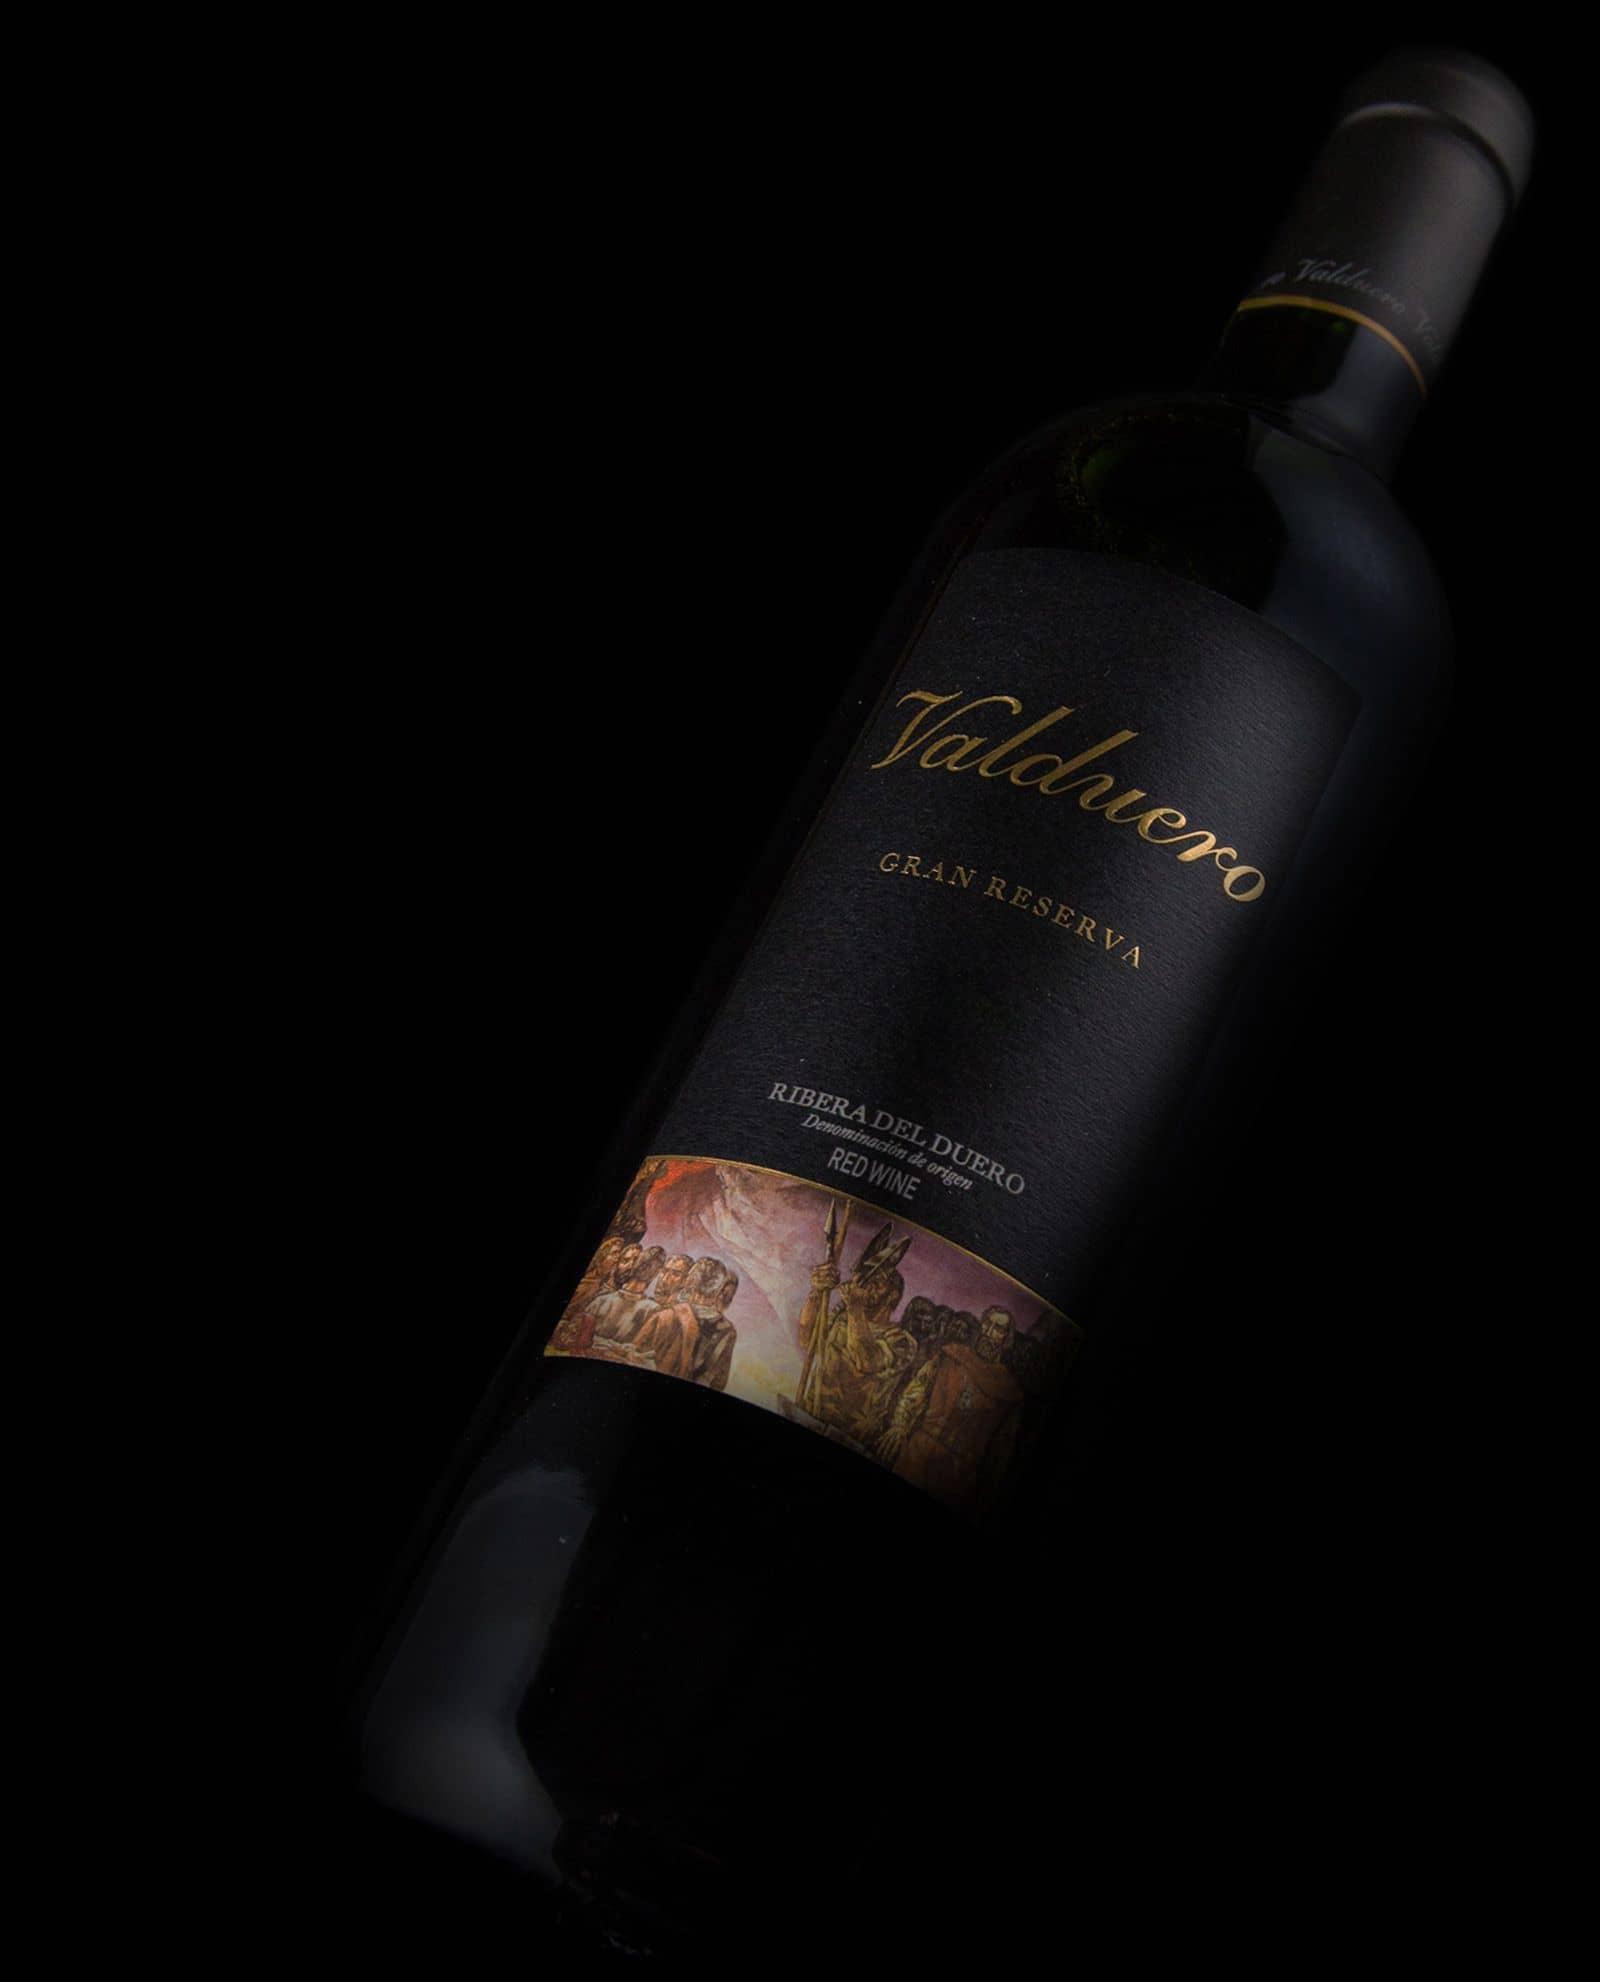 detalle de la Botella de Valduero Gran Reserva, vino de la RIbera del Duero